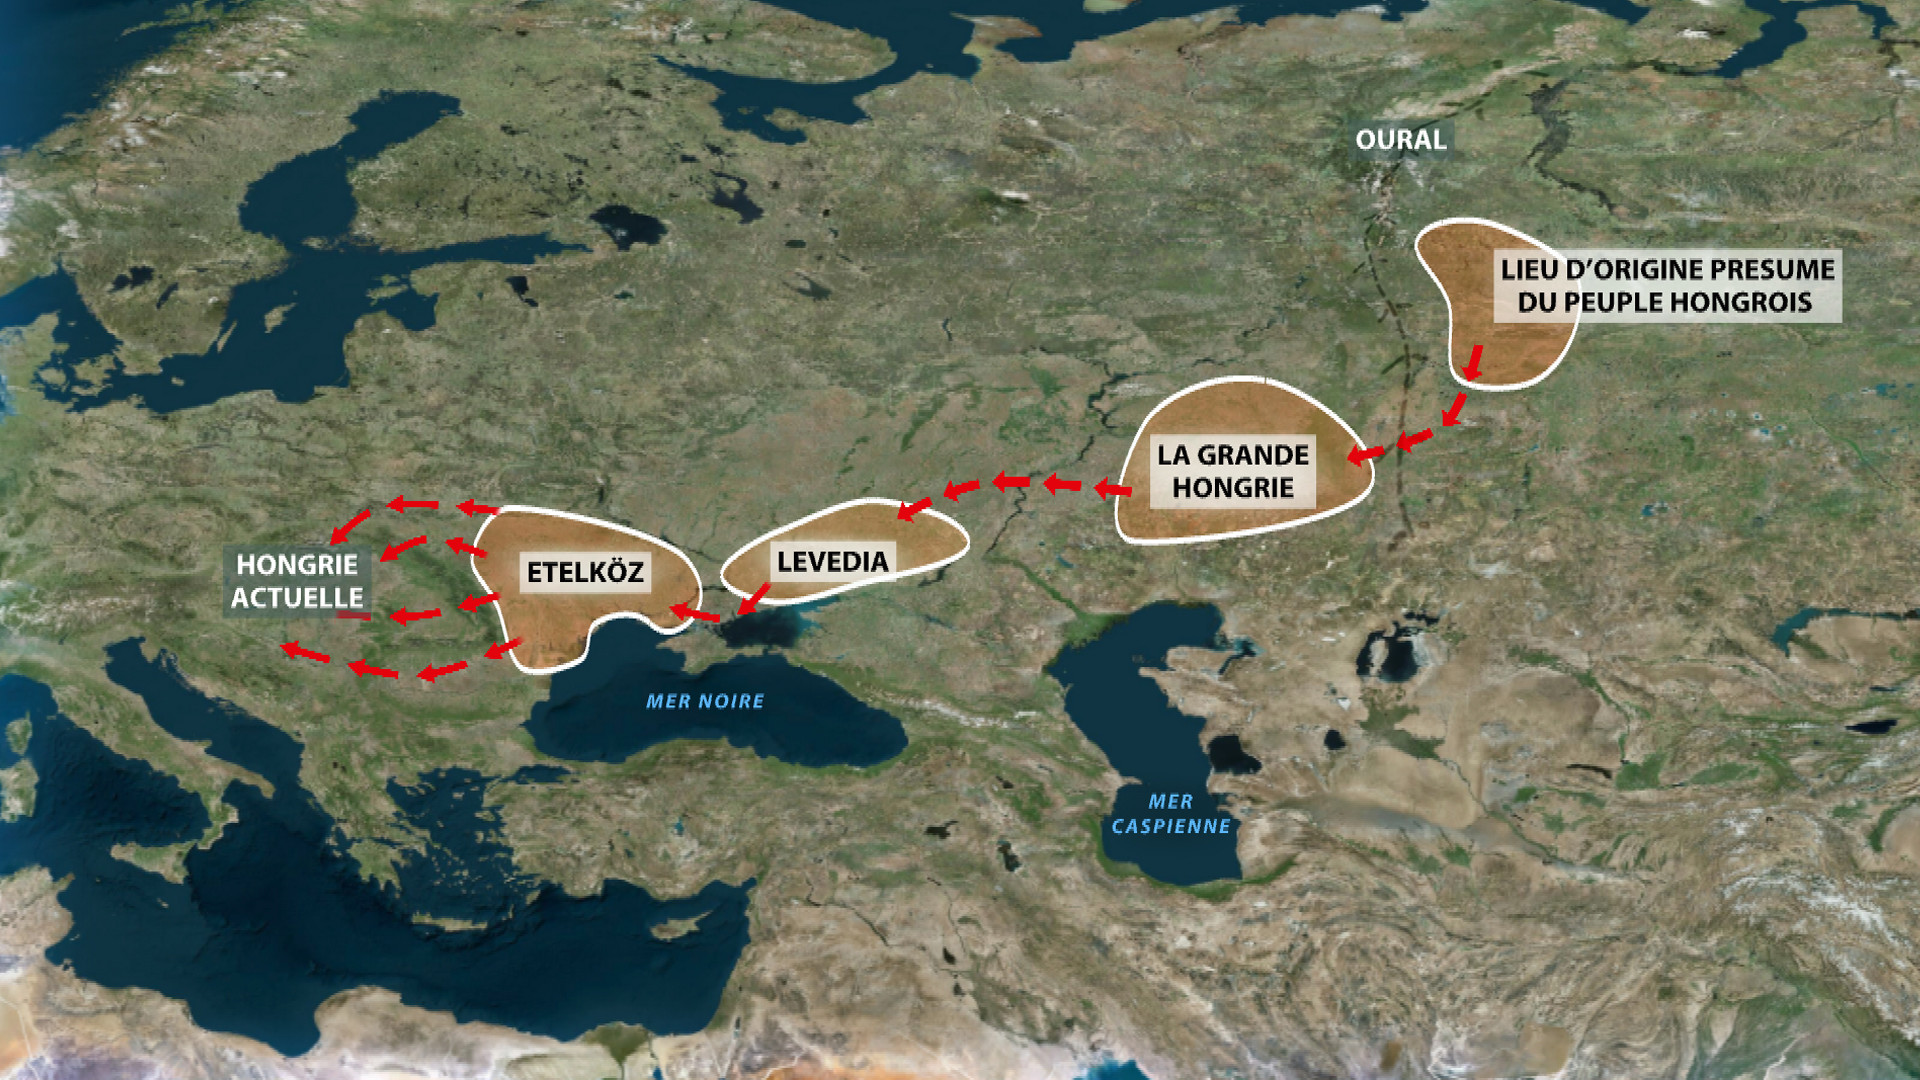 La migration des Hongrois